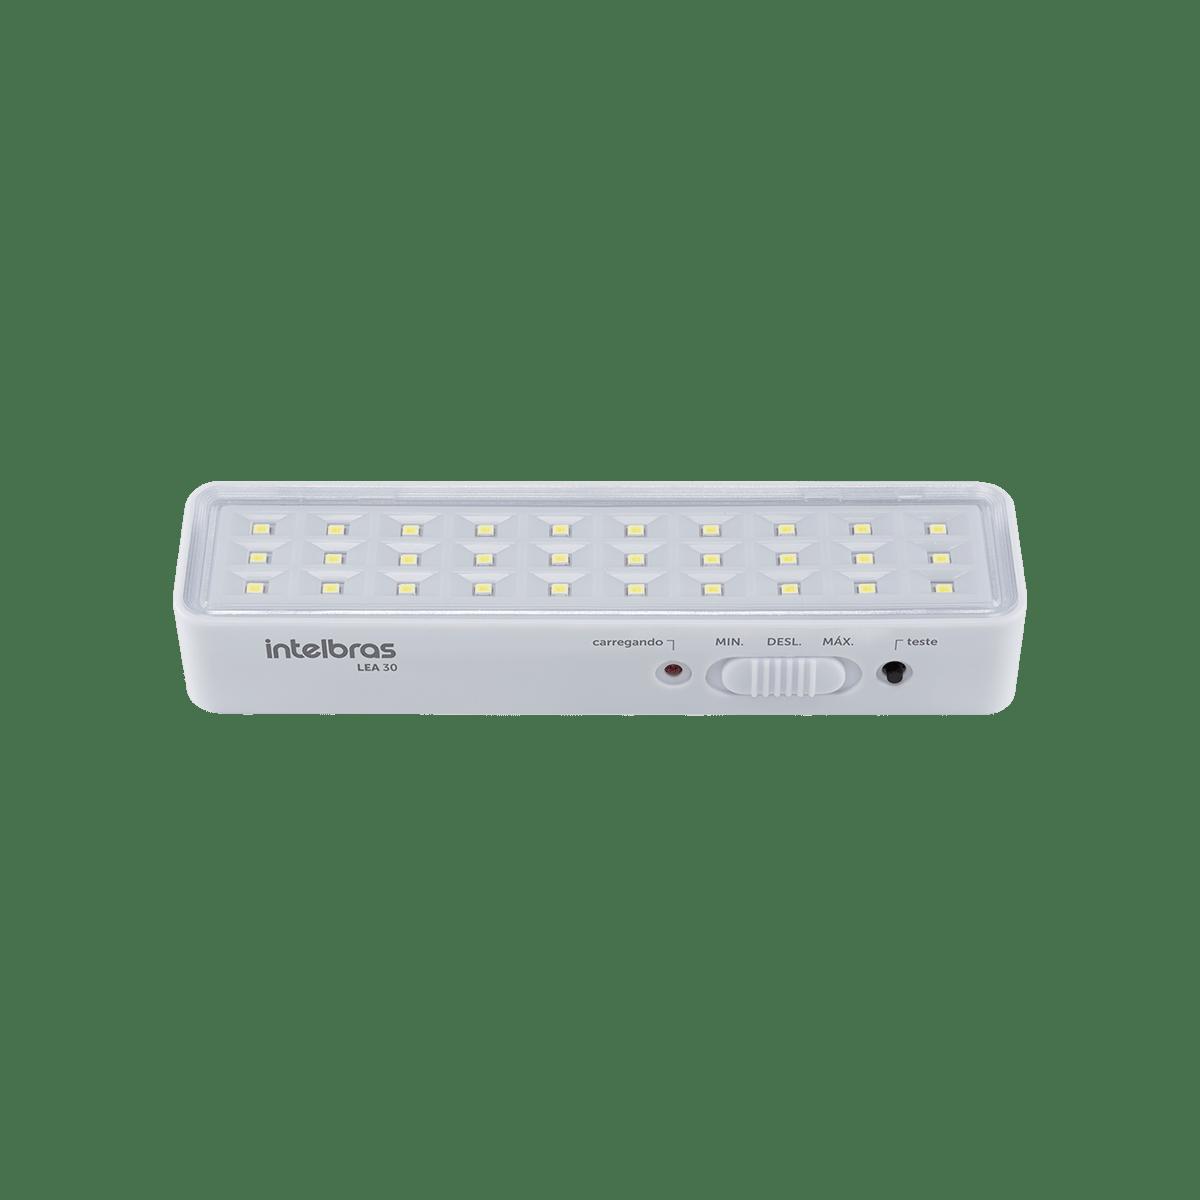 Luminária de Emergência Autônoma Intelbras LEA 30